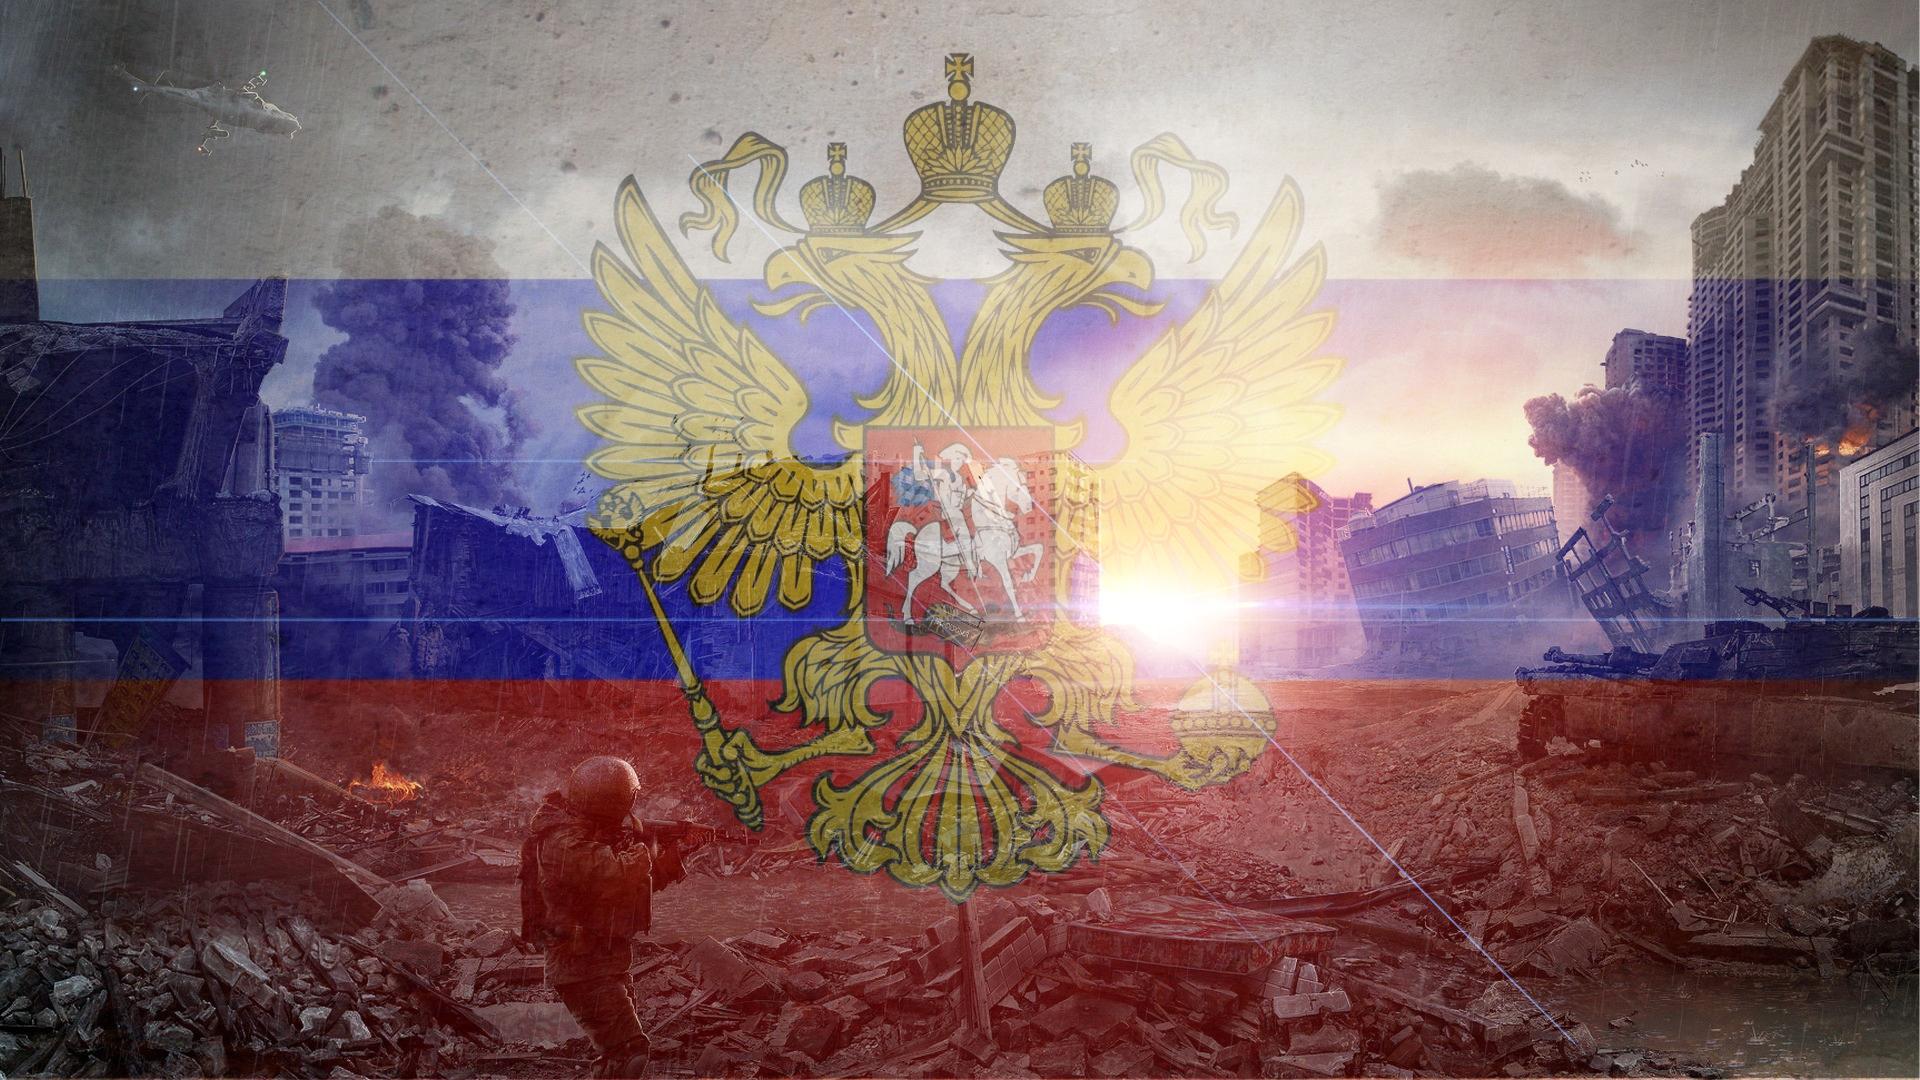 россия картинки красивые патриотичные ему